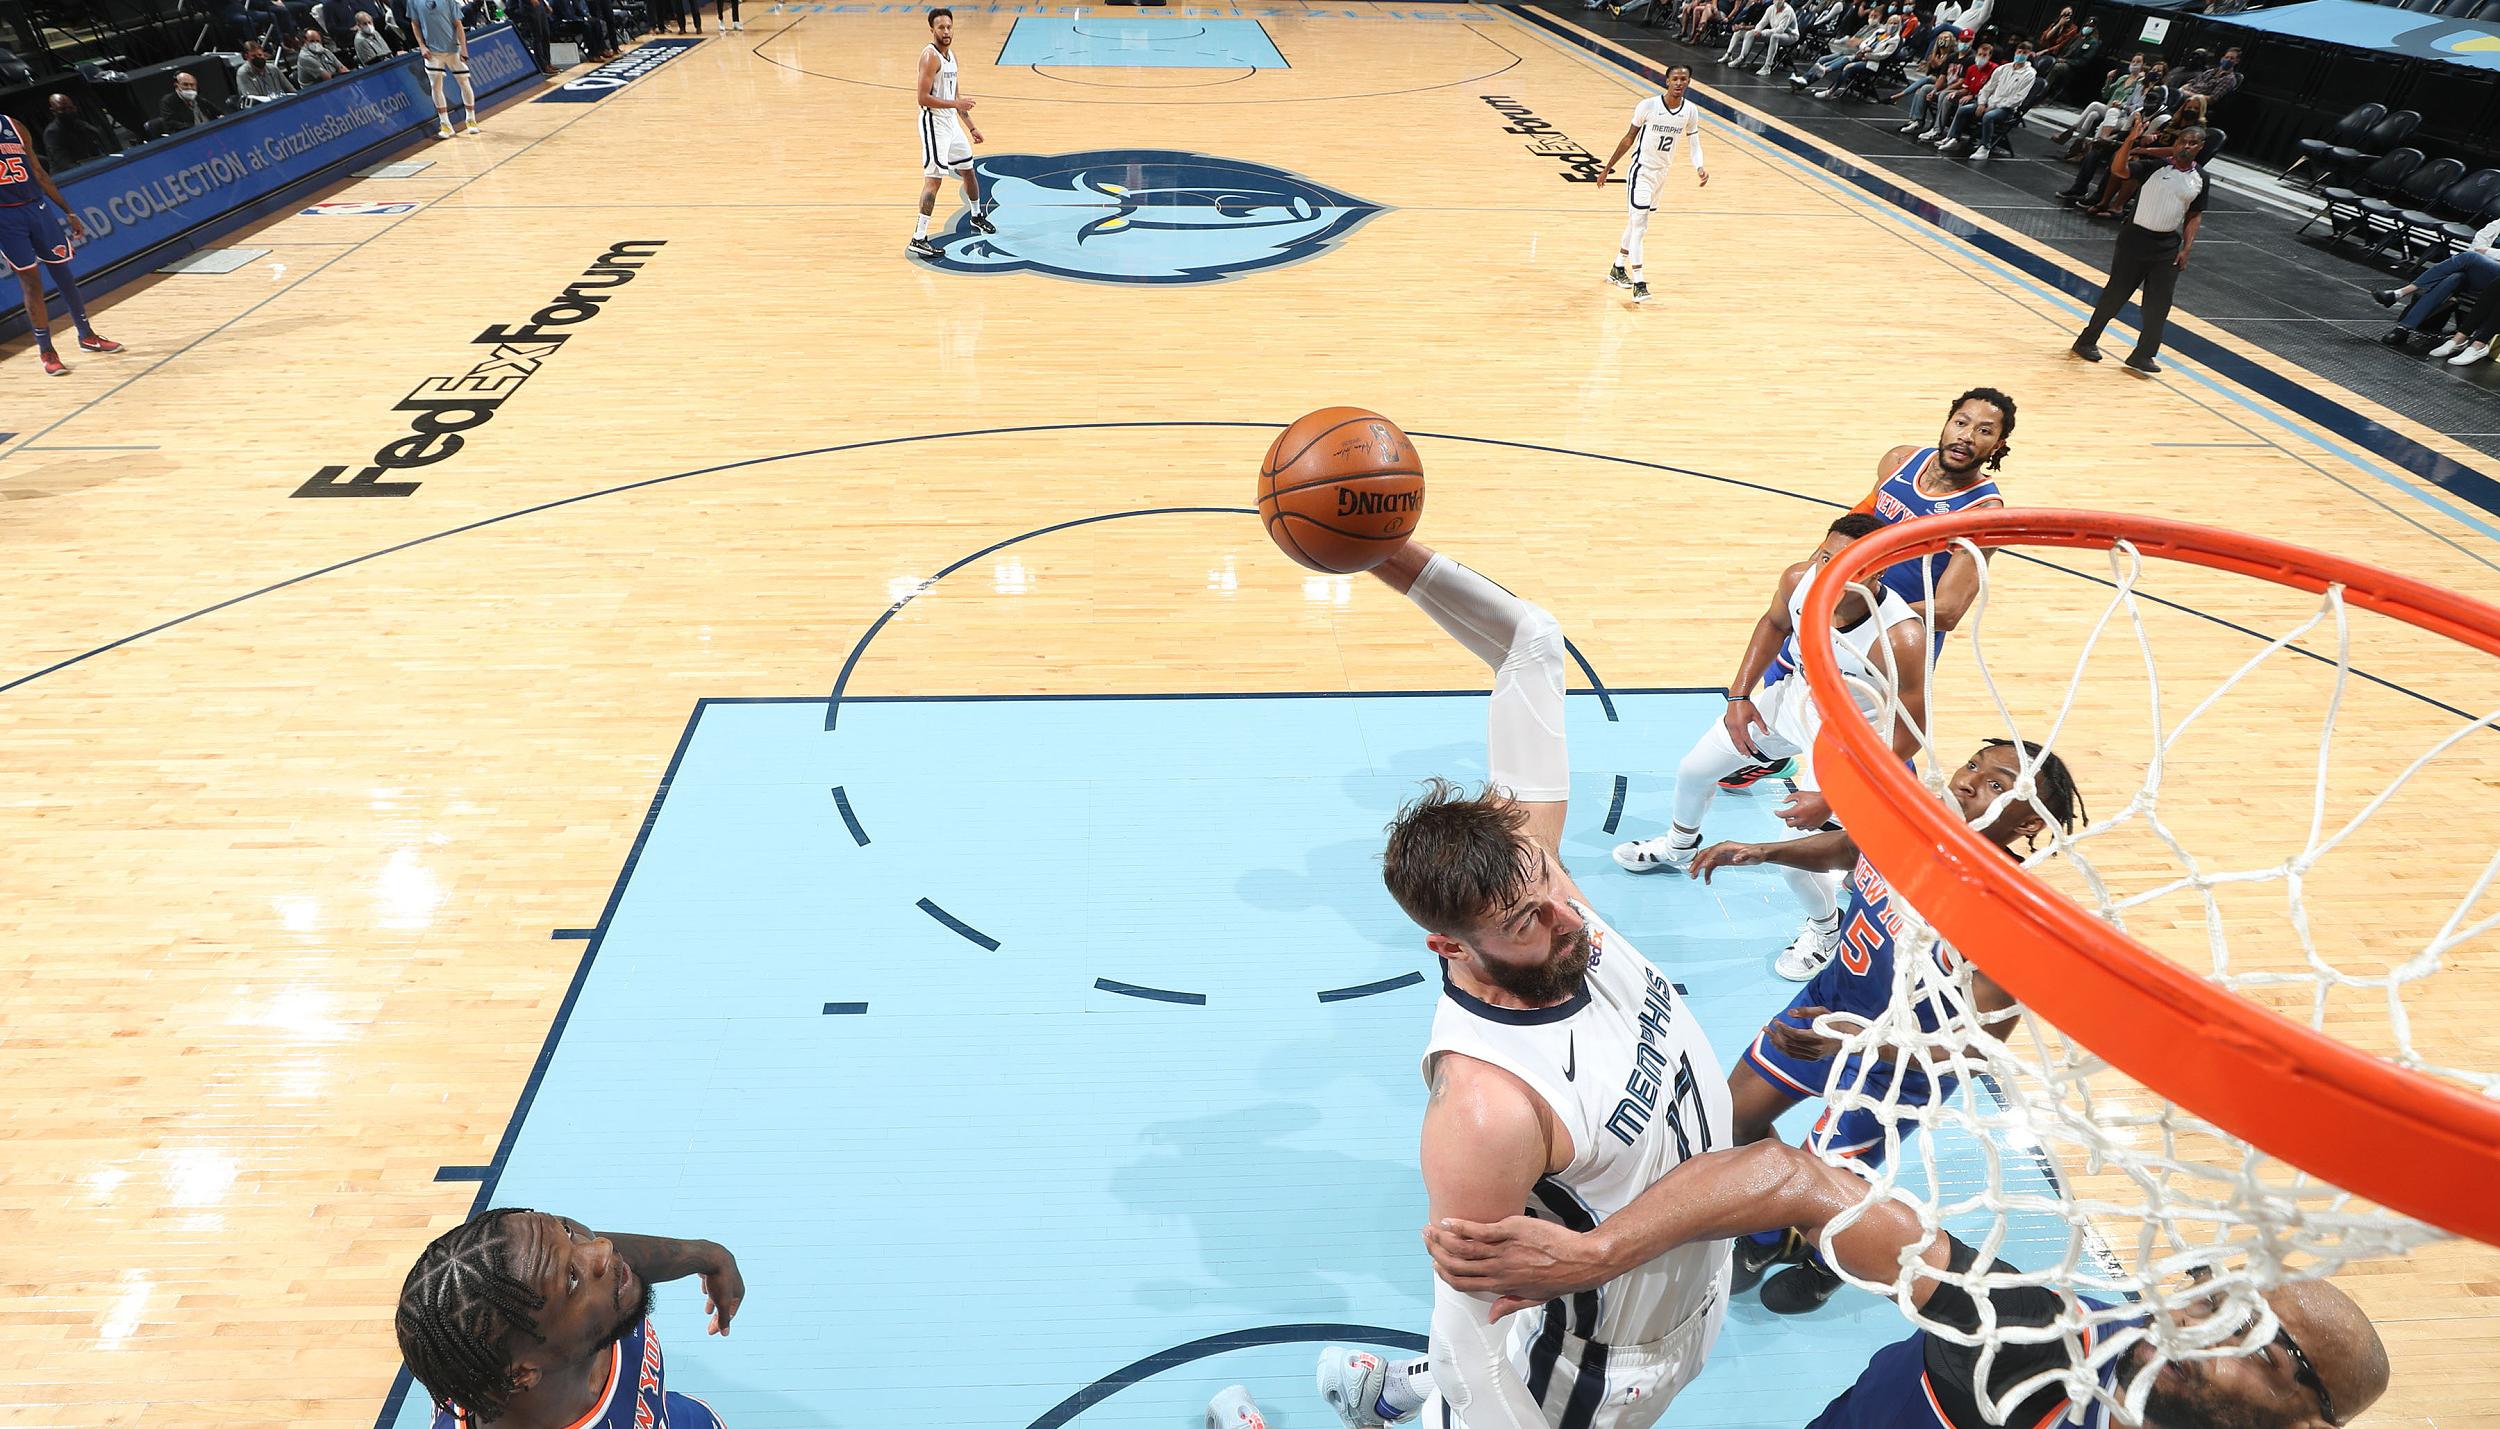 天富娱乐会员纽约城也不好使了,NBA尼克斯队母公司一季度收入大跌超三成